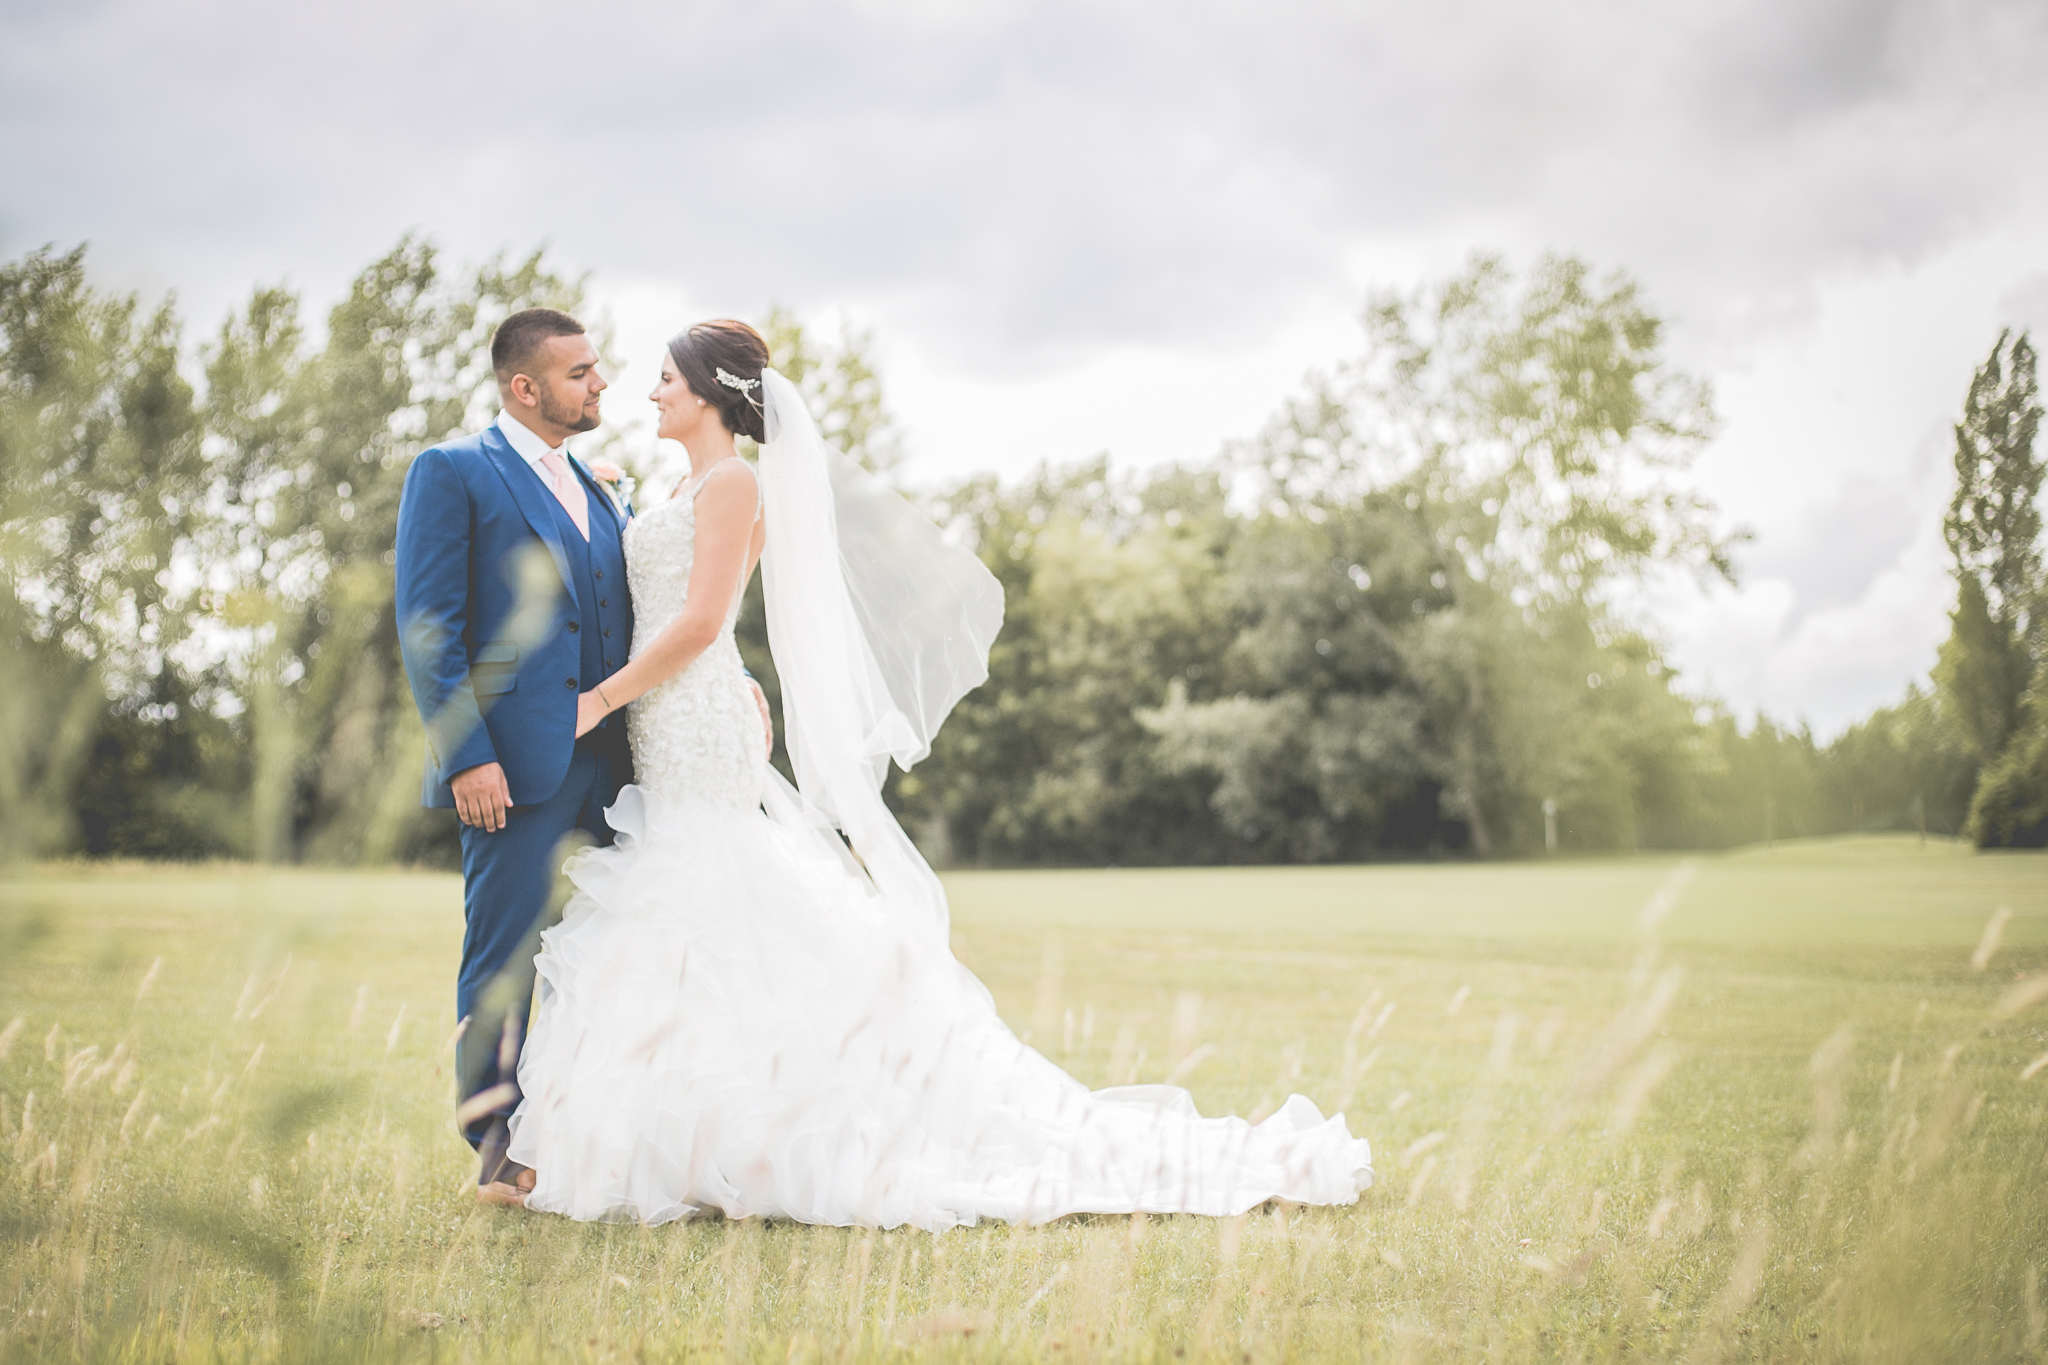 bedfordshireweddingphotography-29.jpg